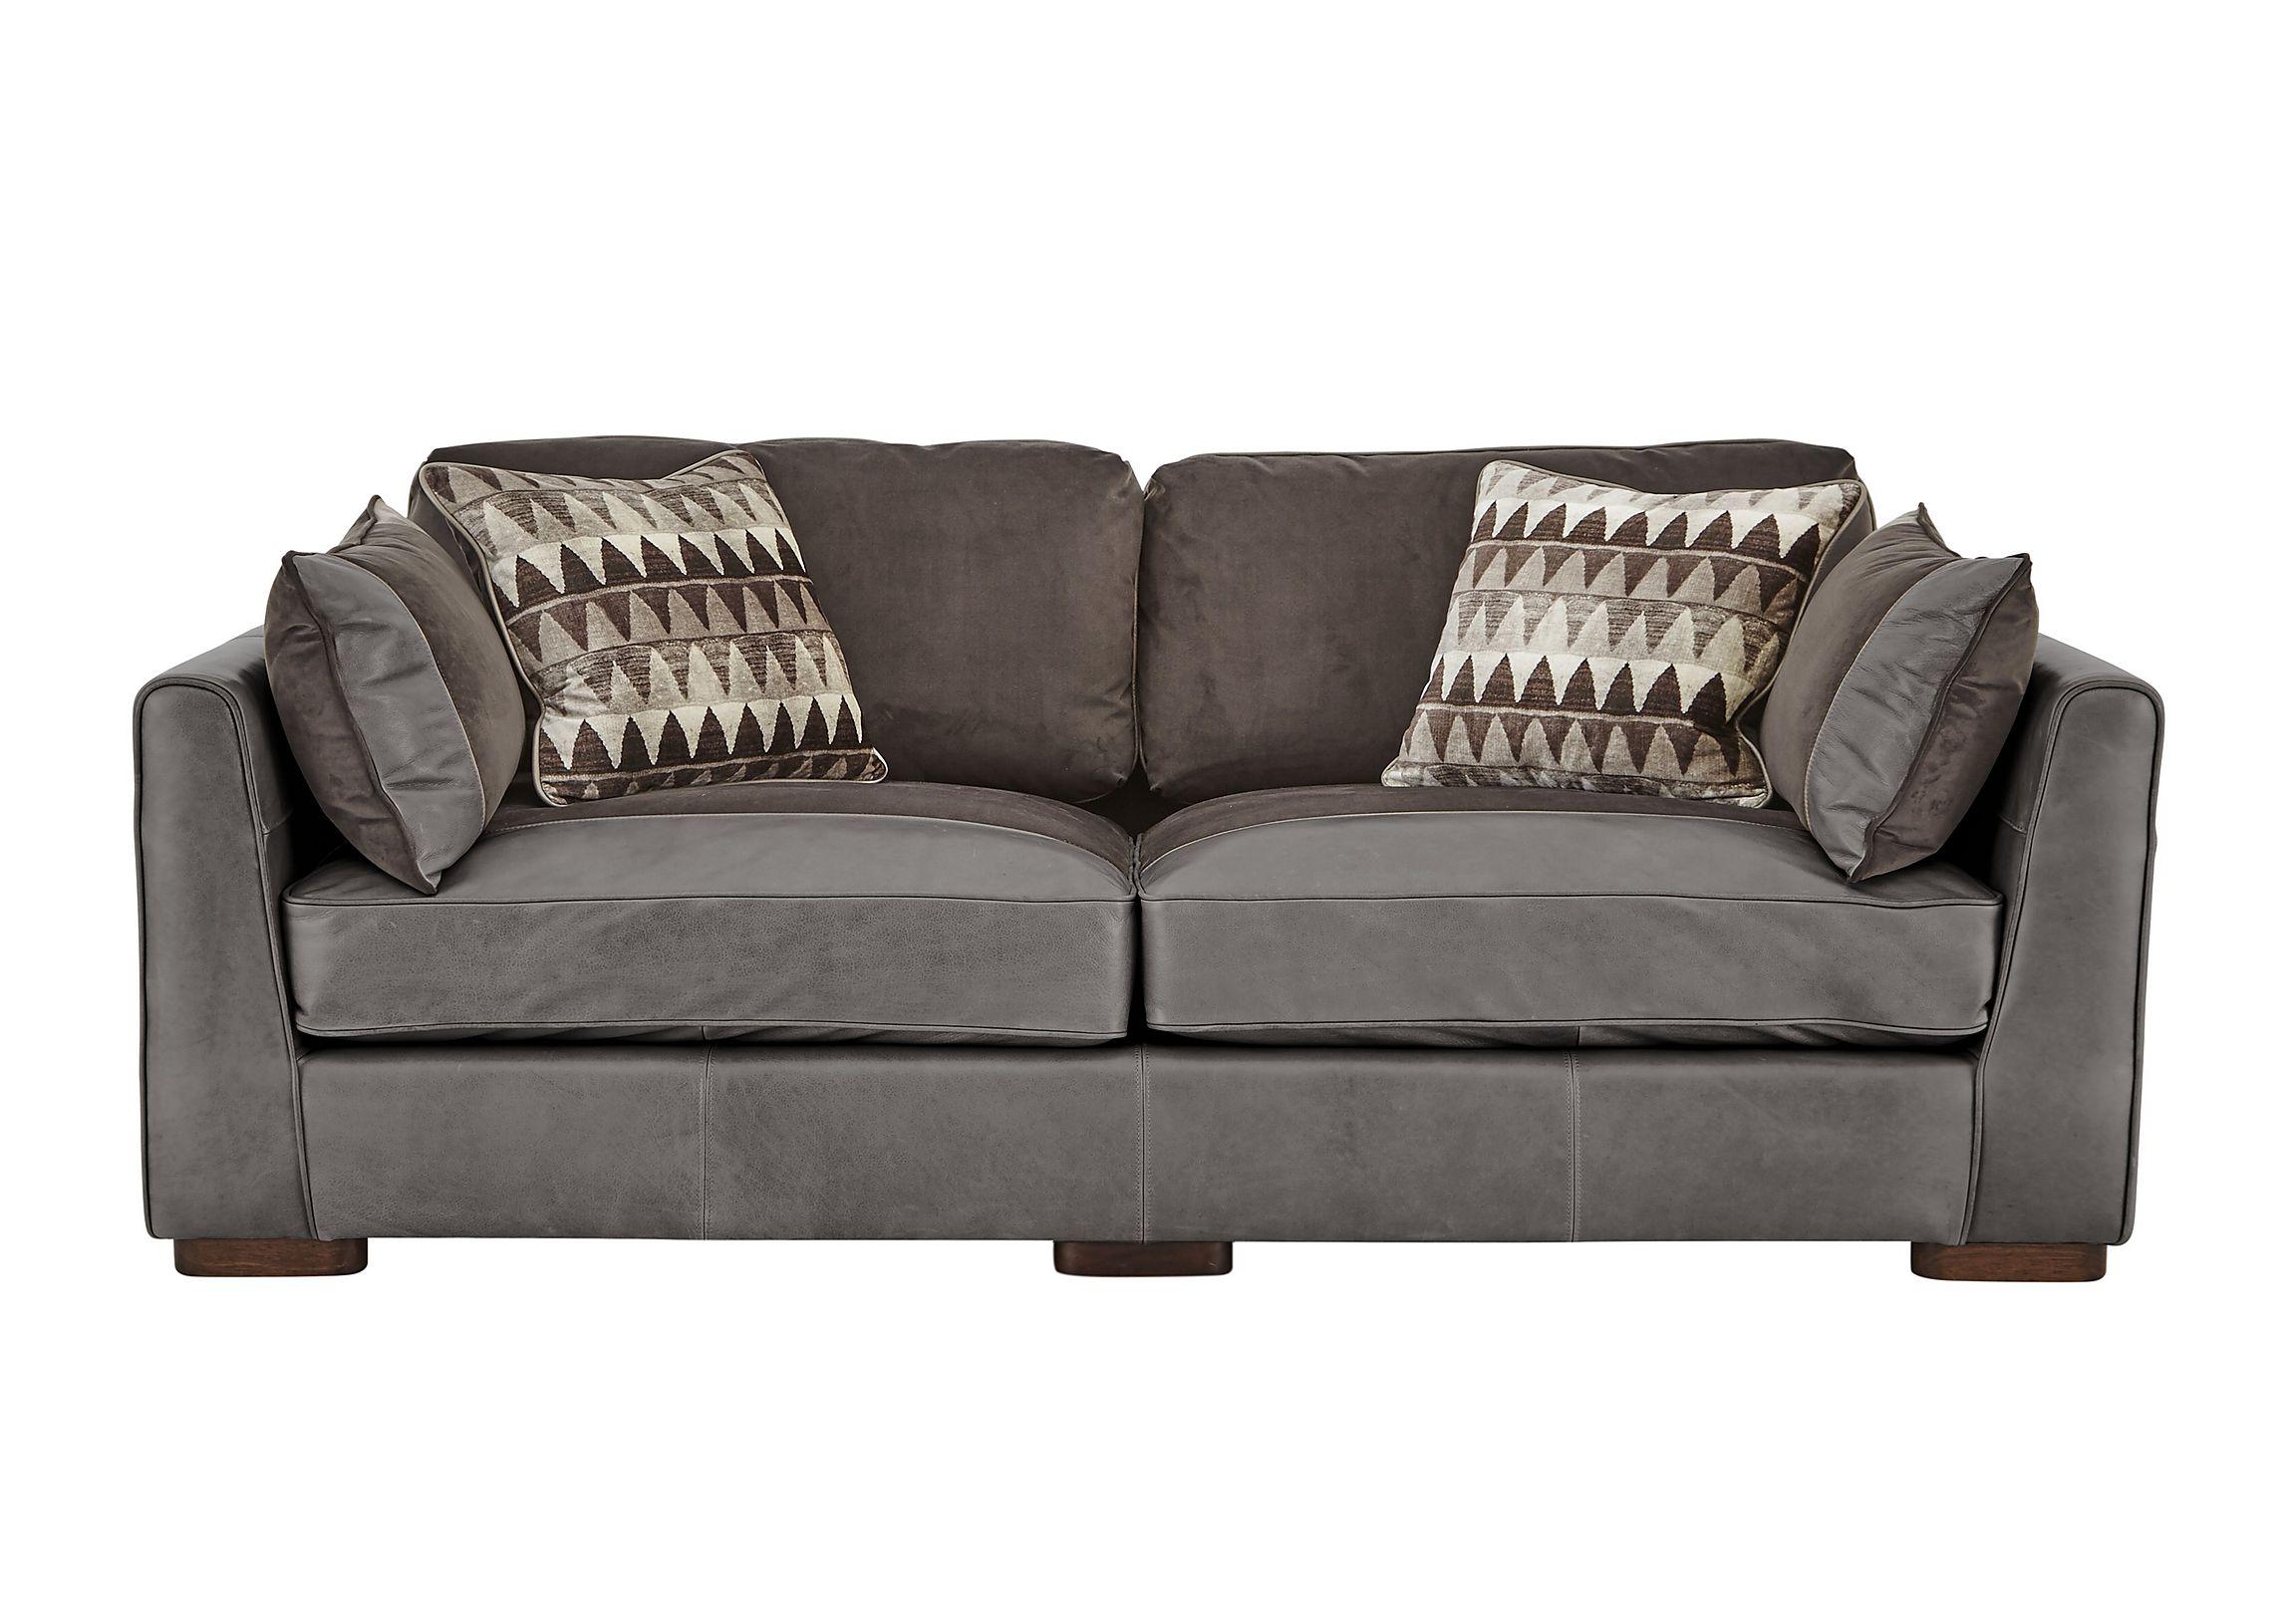 macys leather chair sofa